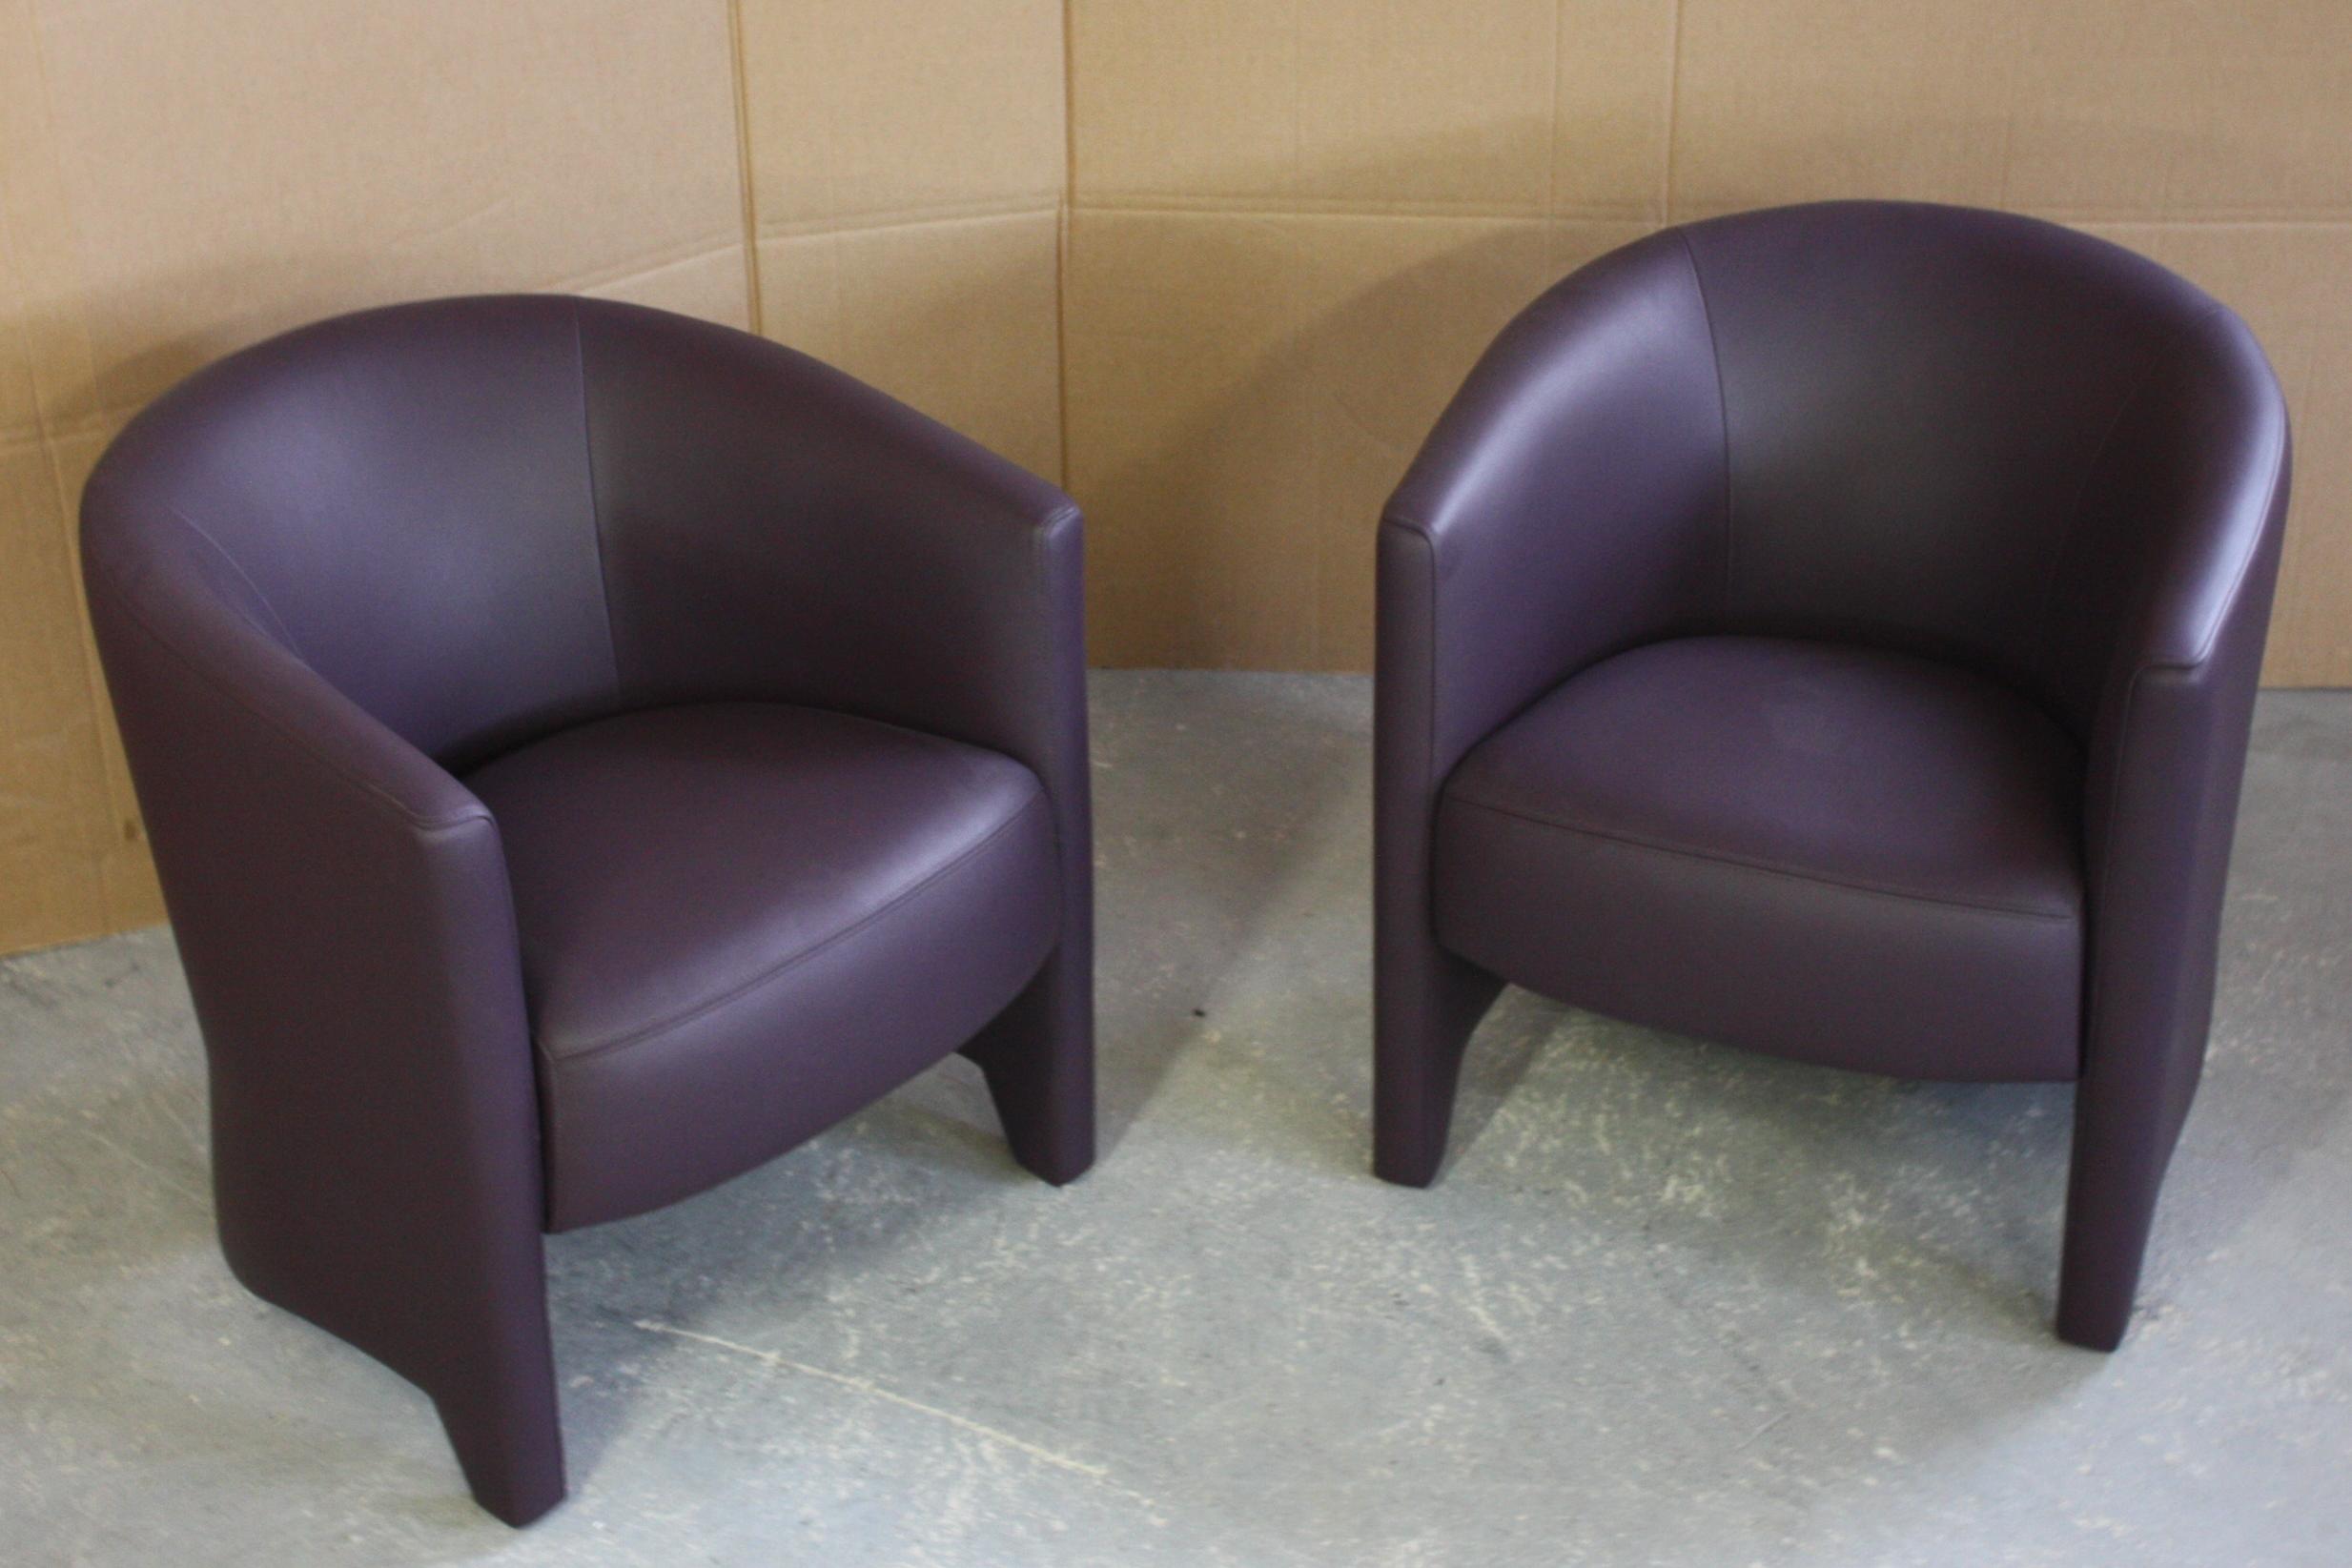 Athena canap et austin fauteuils l 39 album photo des - Canape prune cuir ...